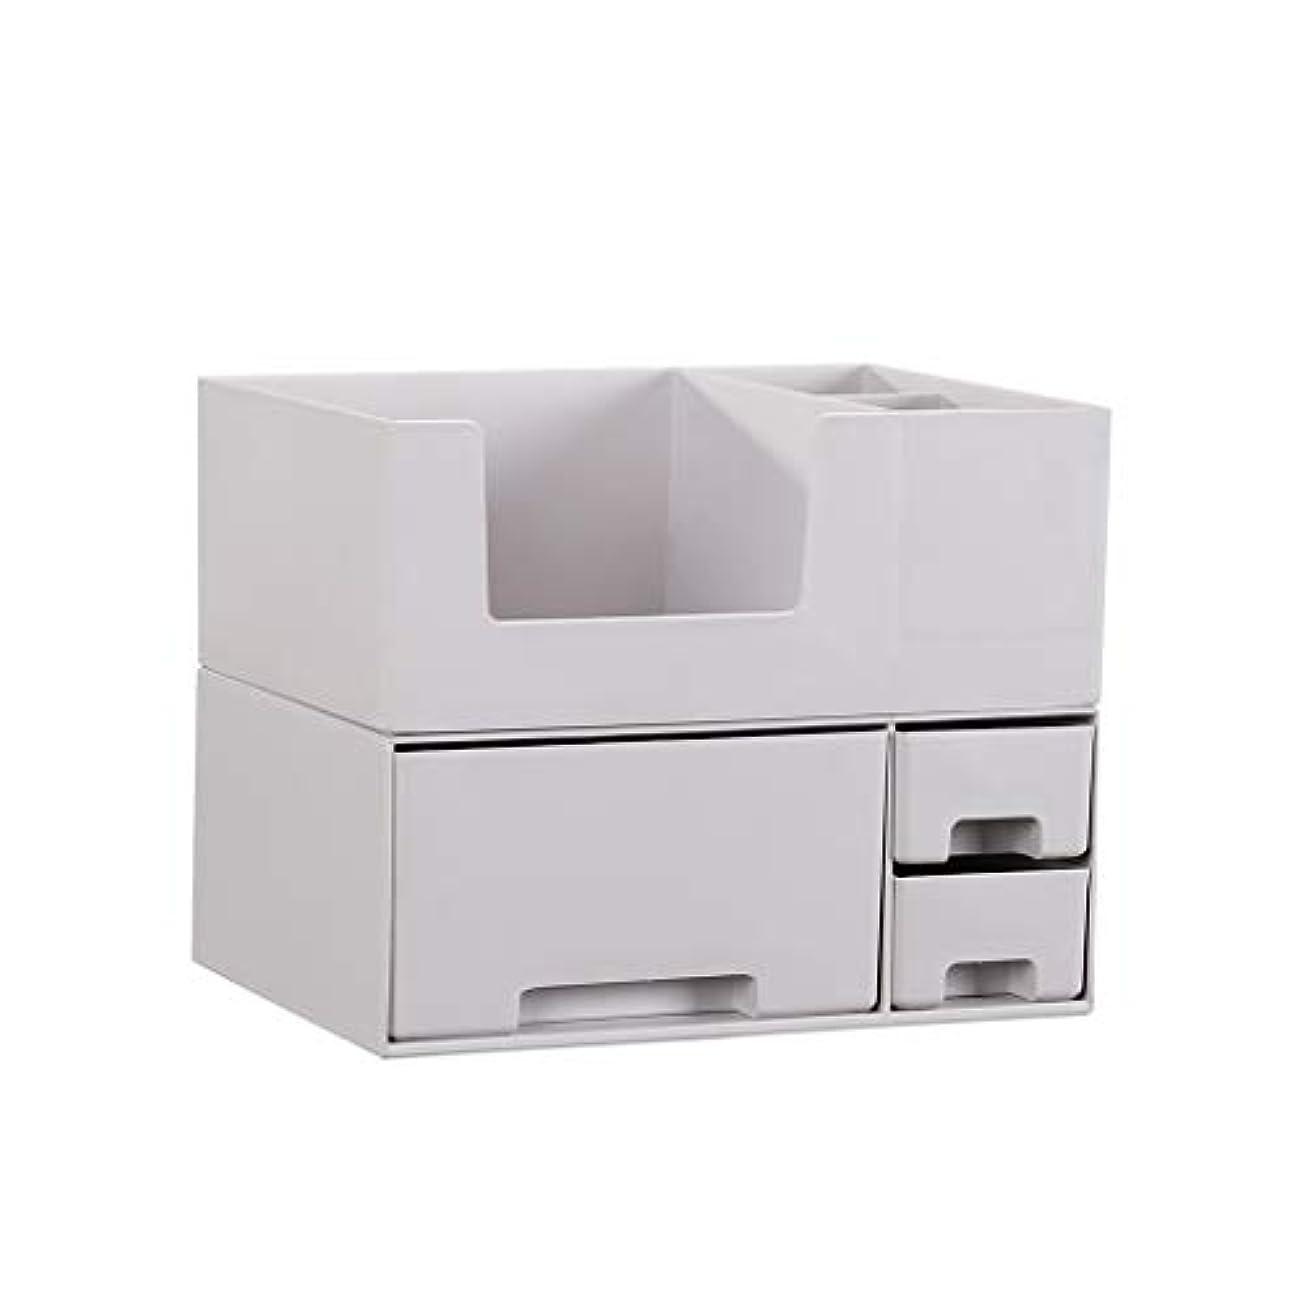 教育する結び目取り扱い化粧品収納ボックスホームデスクトップレイヤード引き出しドレッシングテーブルスキンケアボックスフレーム